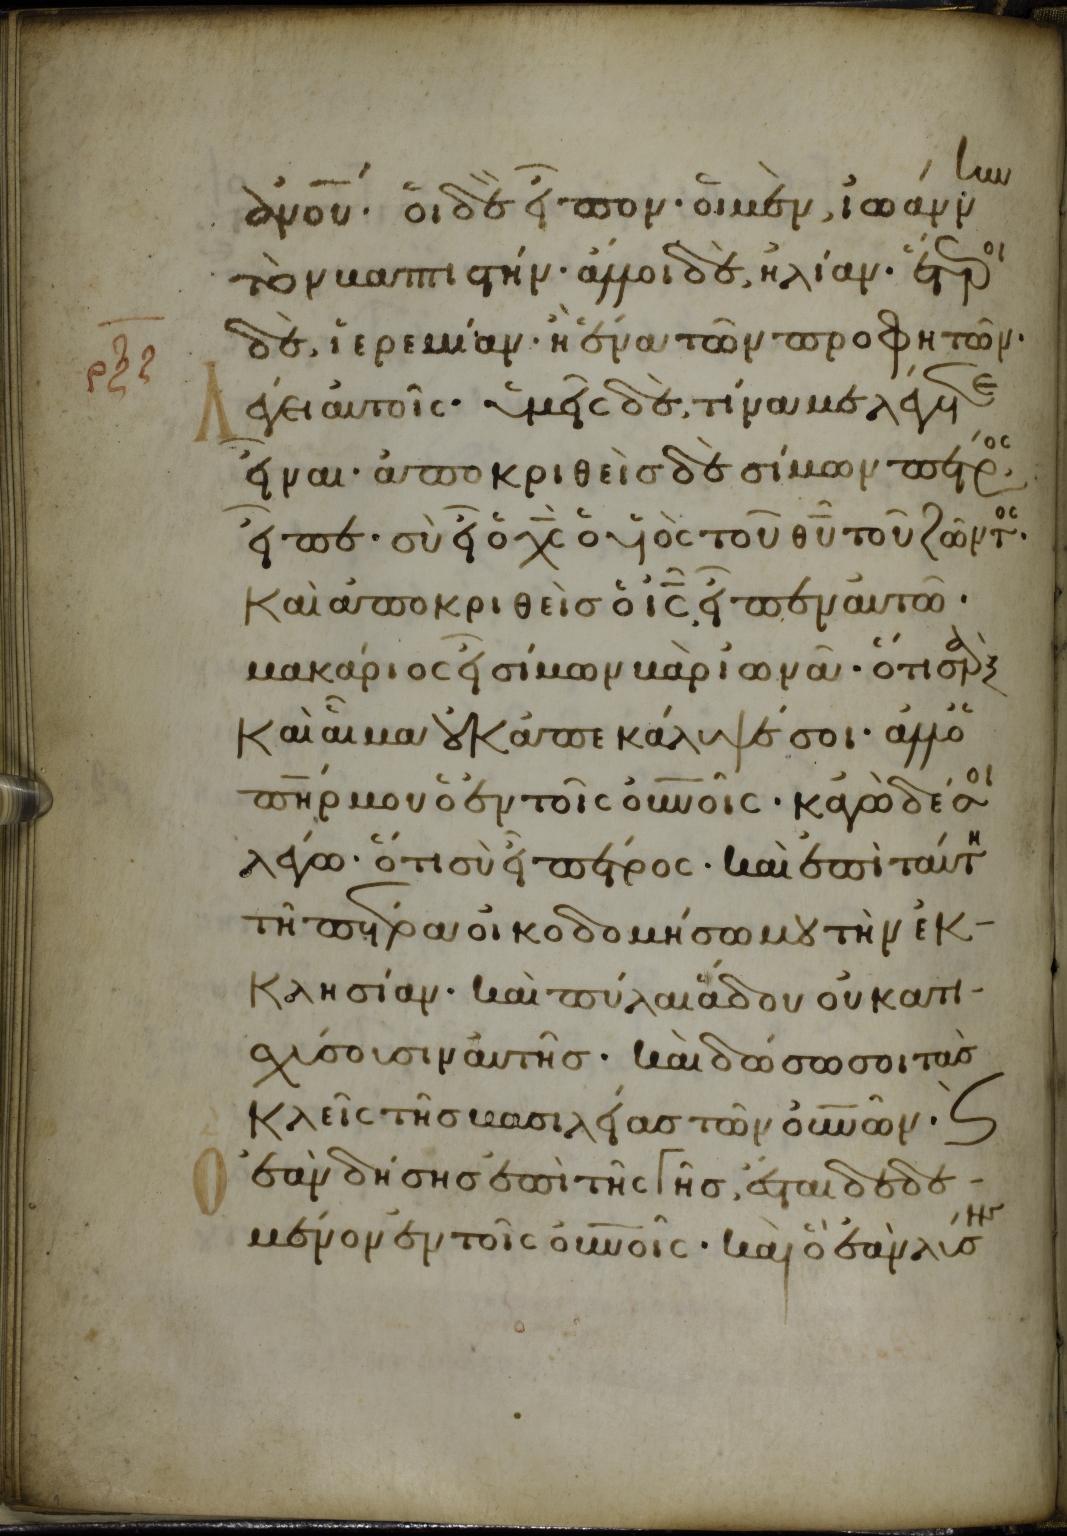 Greek New Testament, 29r